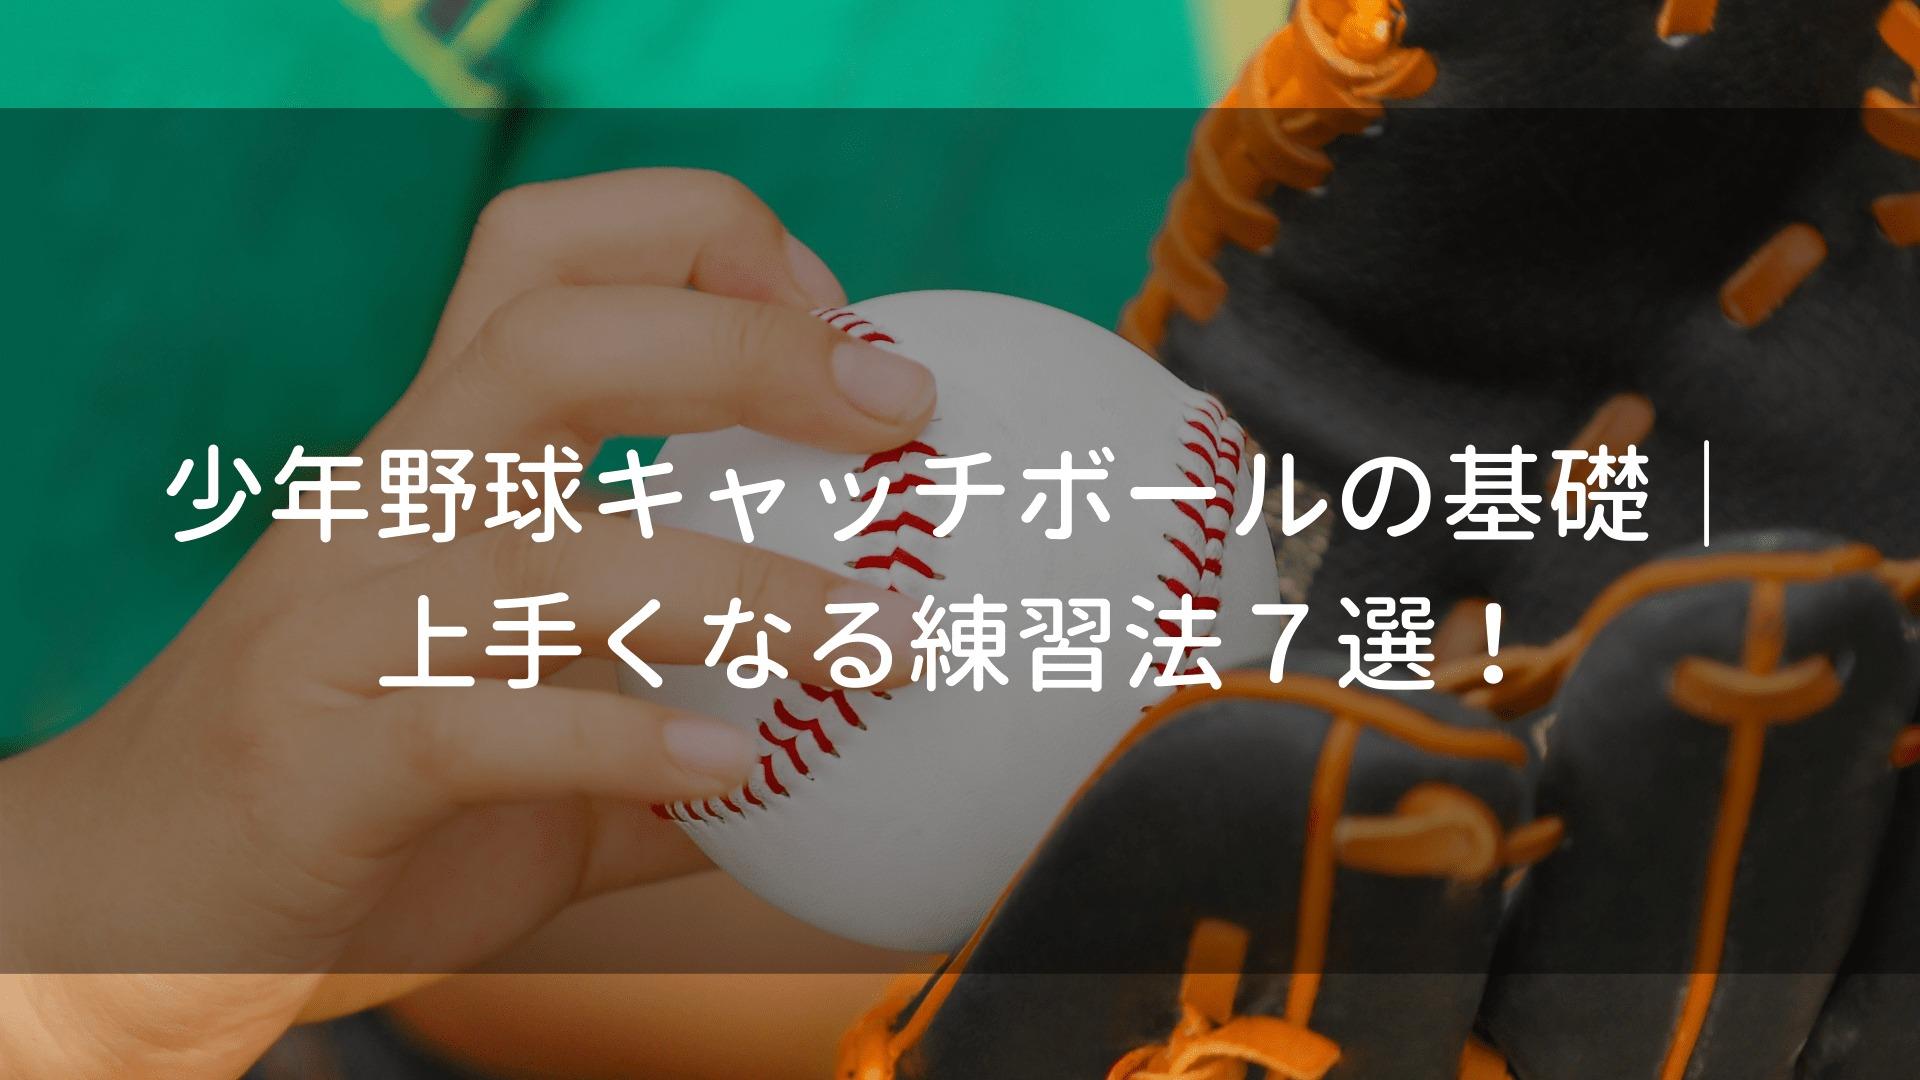 少年野球キャッチボールの基礎|上手くなる練習法7選!のアイキャッチ